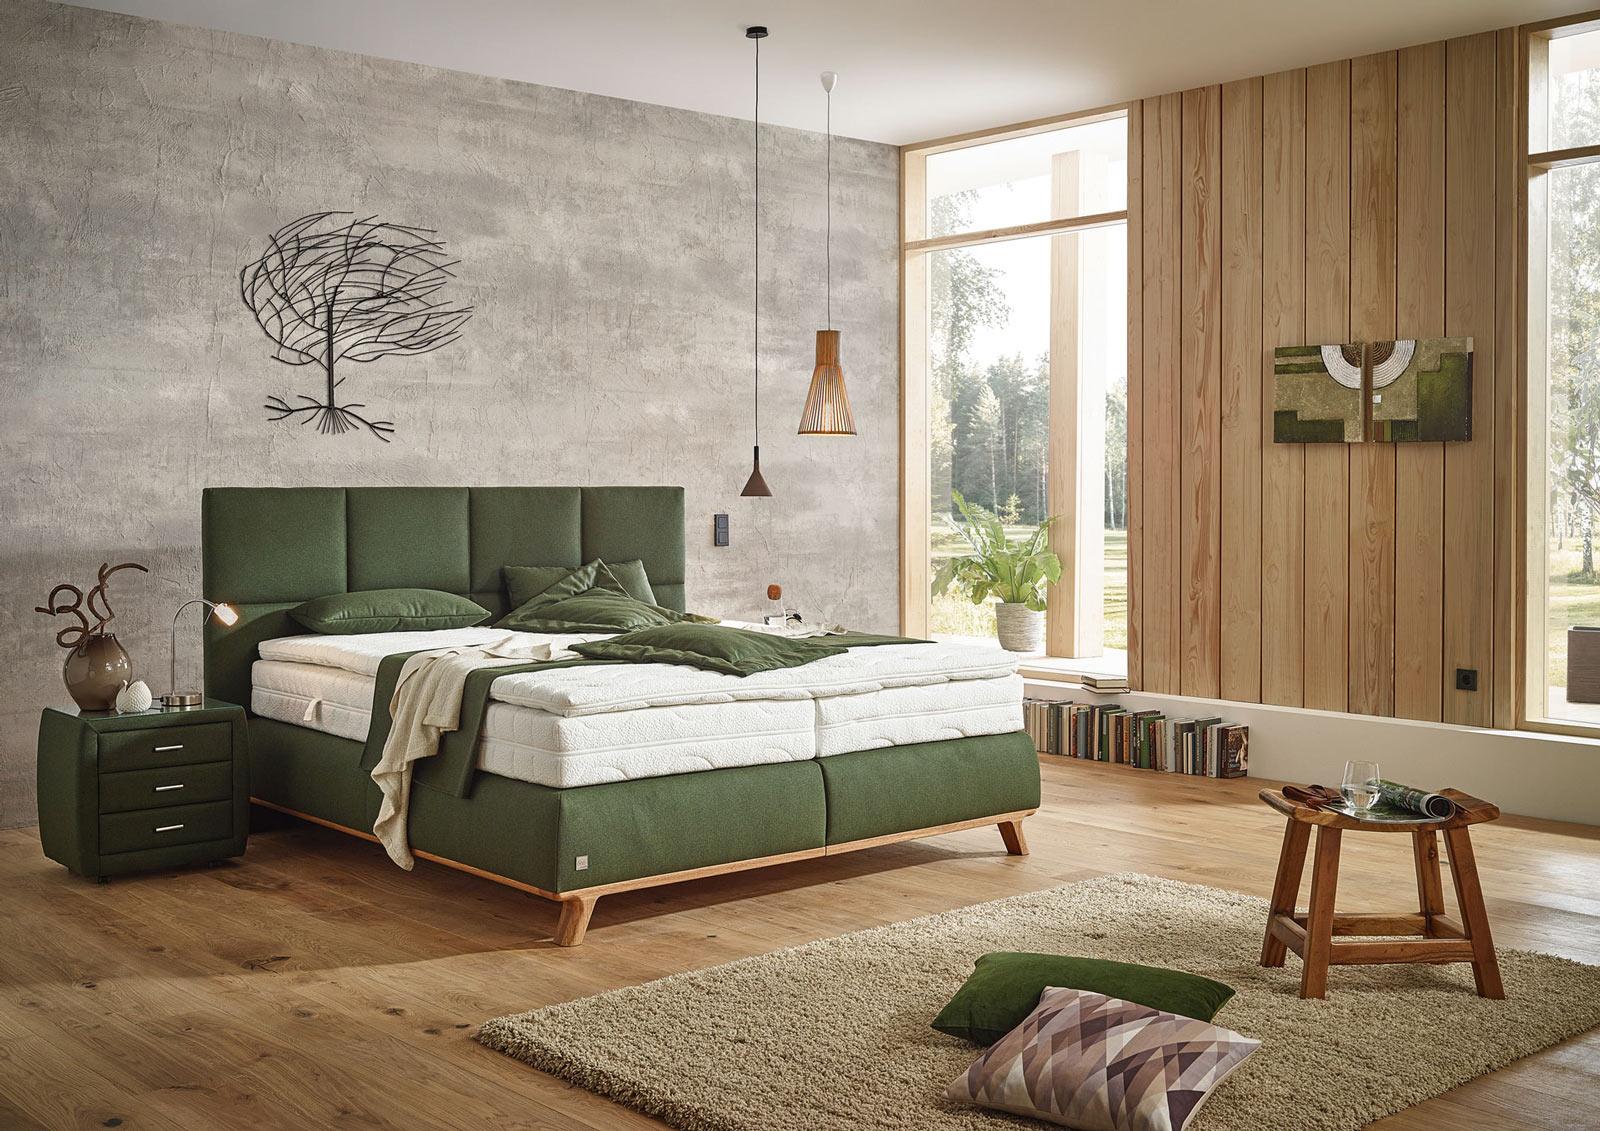 Schlafzimmer   produkte   huainigg.at